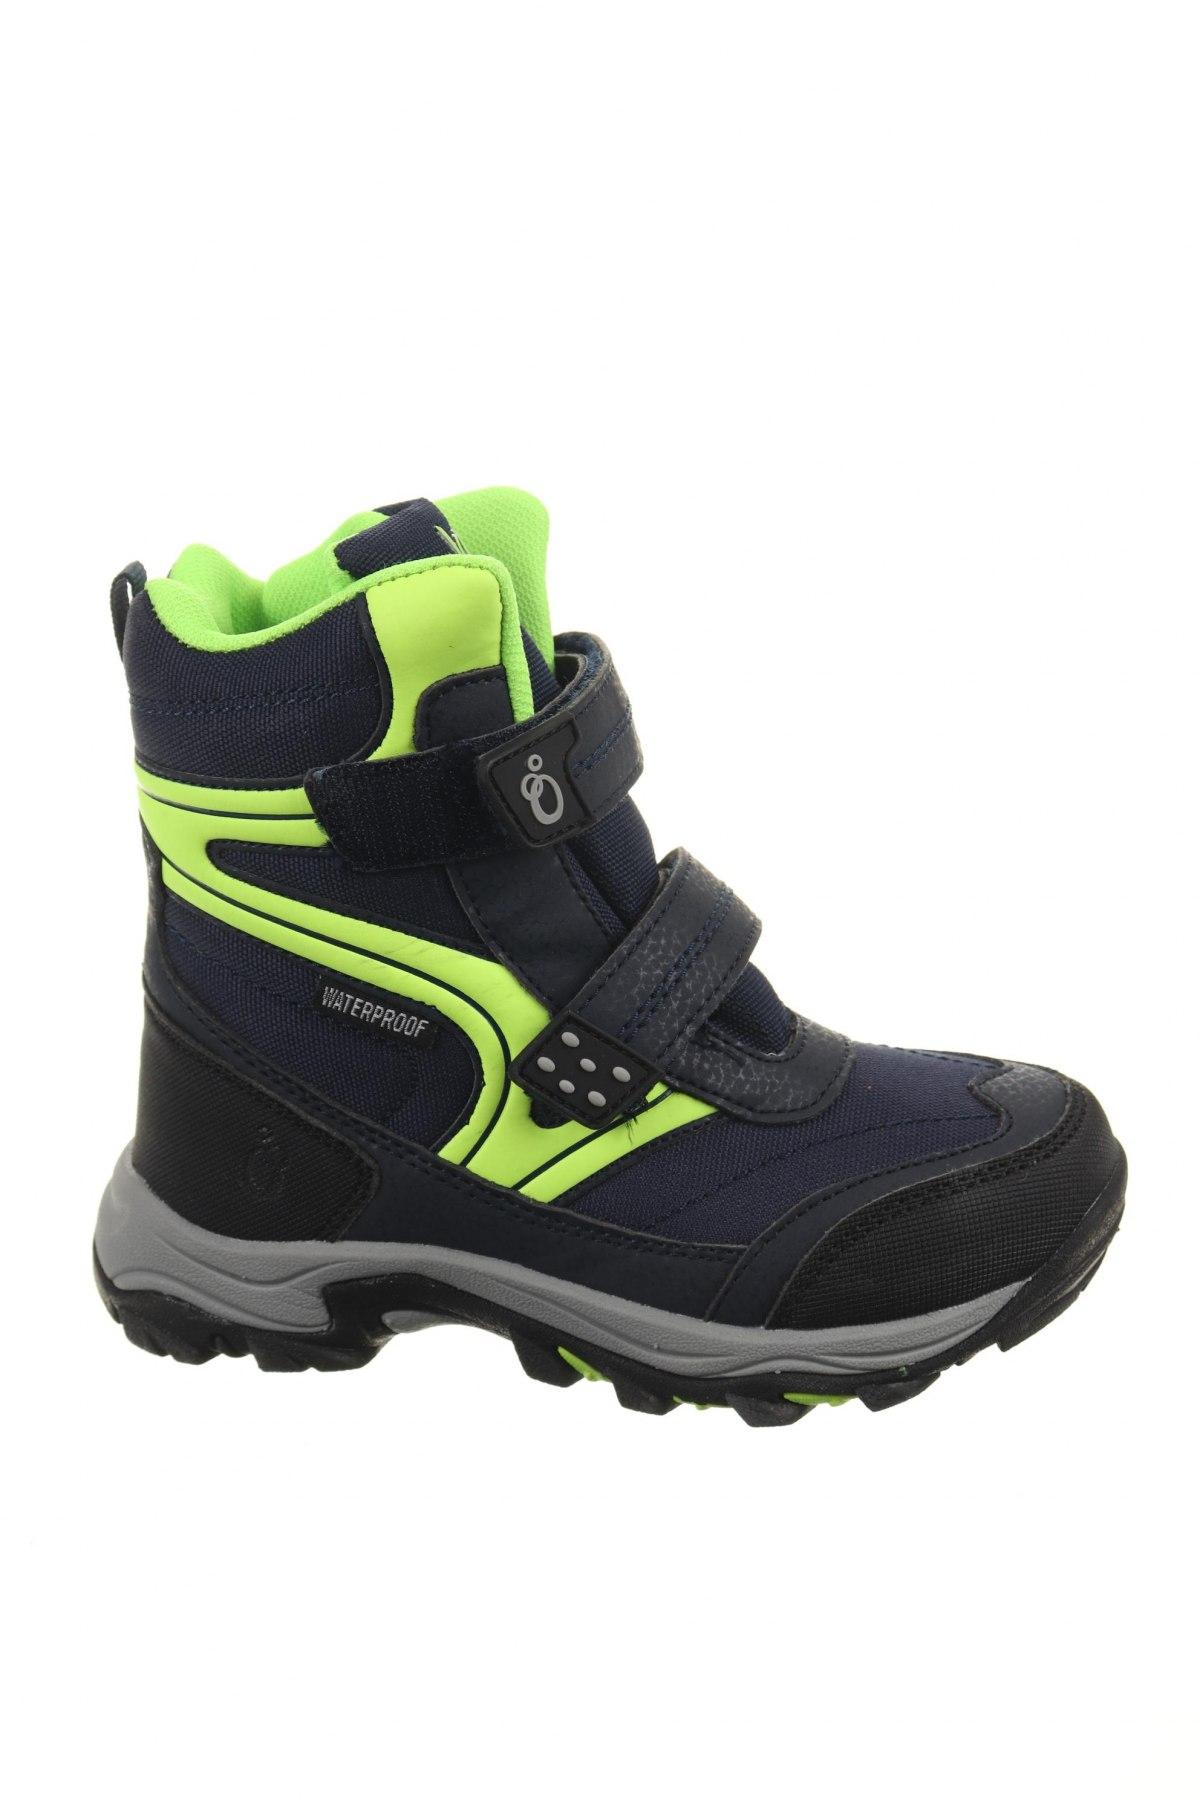 Παιδικά παπούτσια Lamino, Μέγεθος 29, Χρώμα Μπλέ, Κλωστοϋφαντουργικά προϊόντα, δερματίνη, Τιμή 23,38€